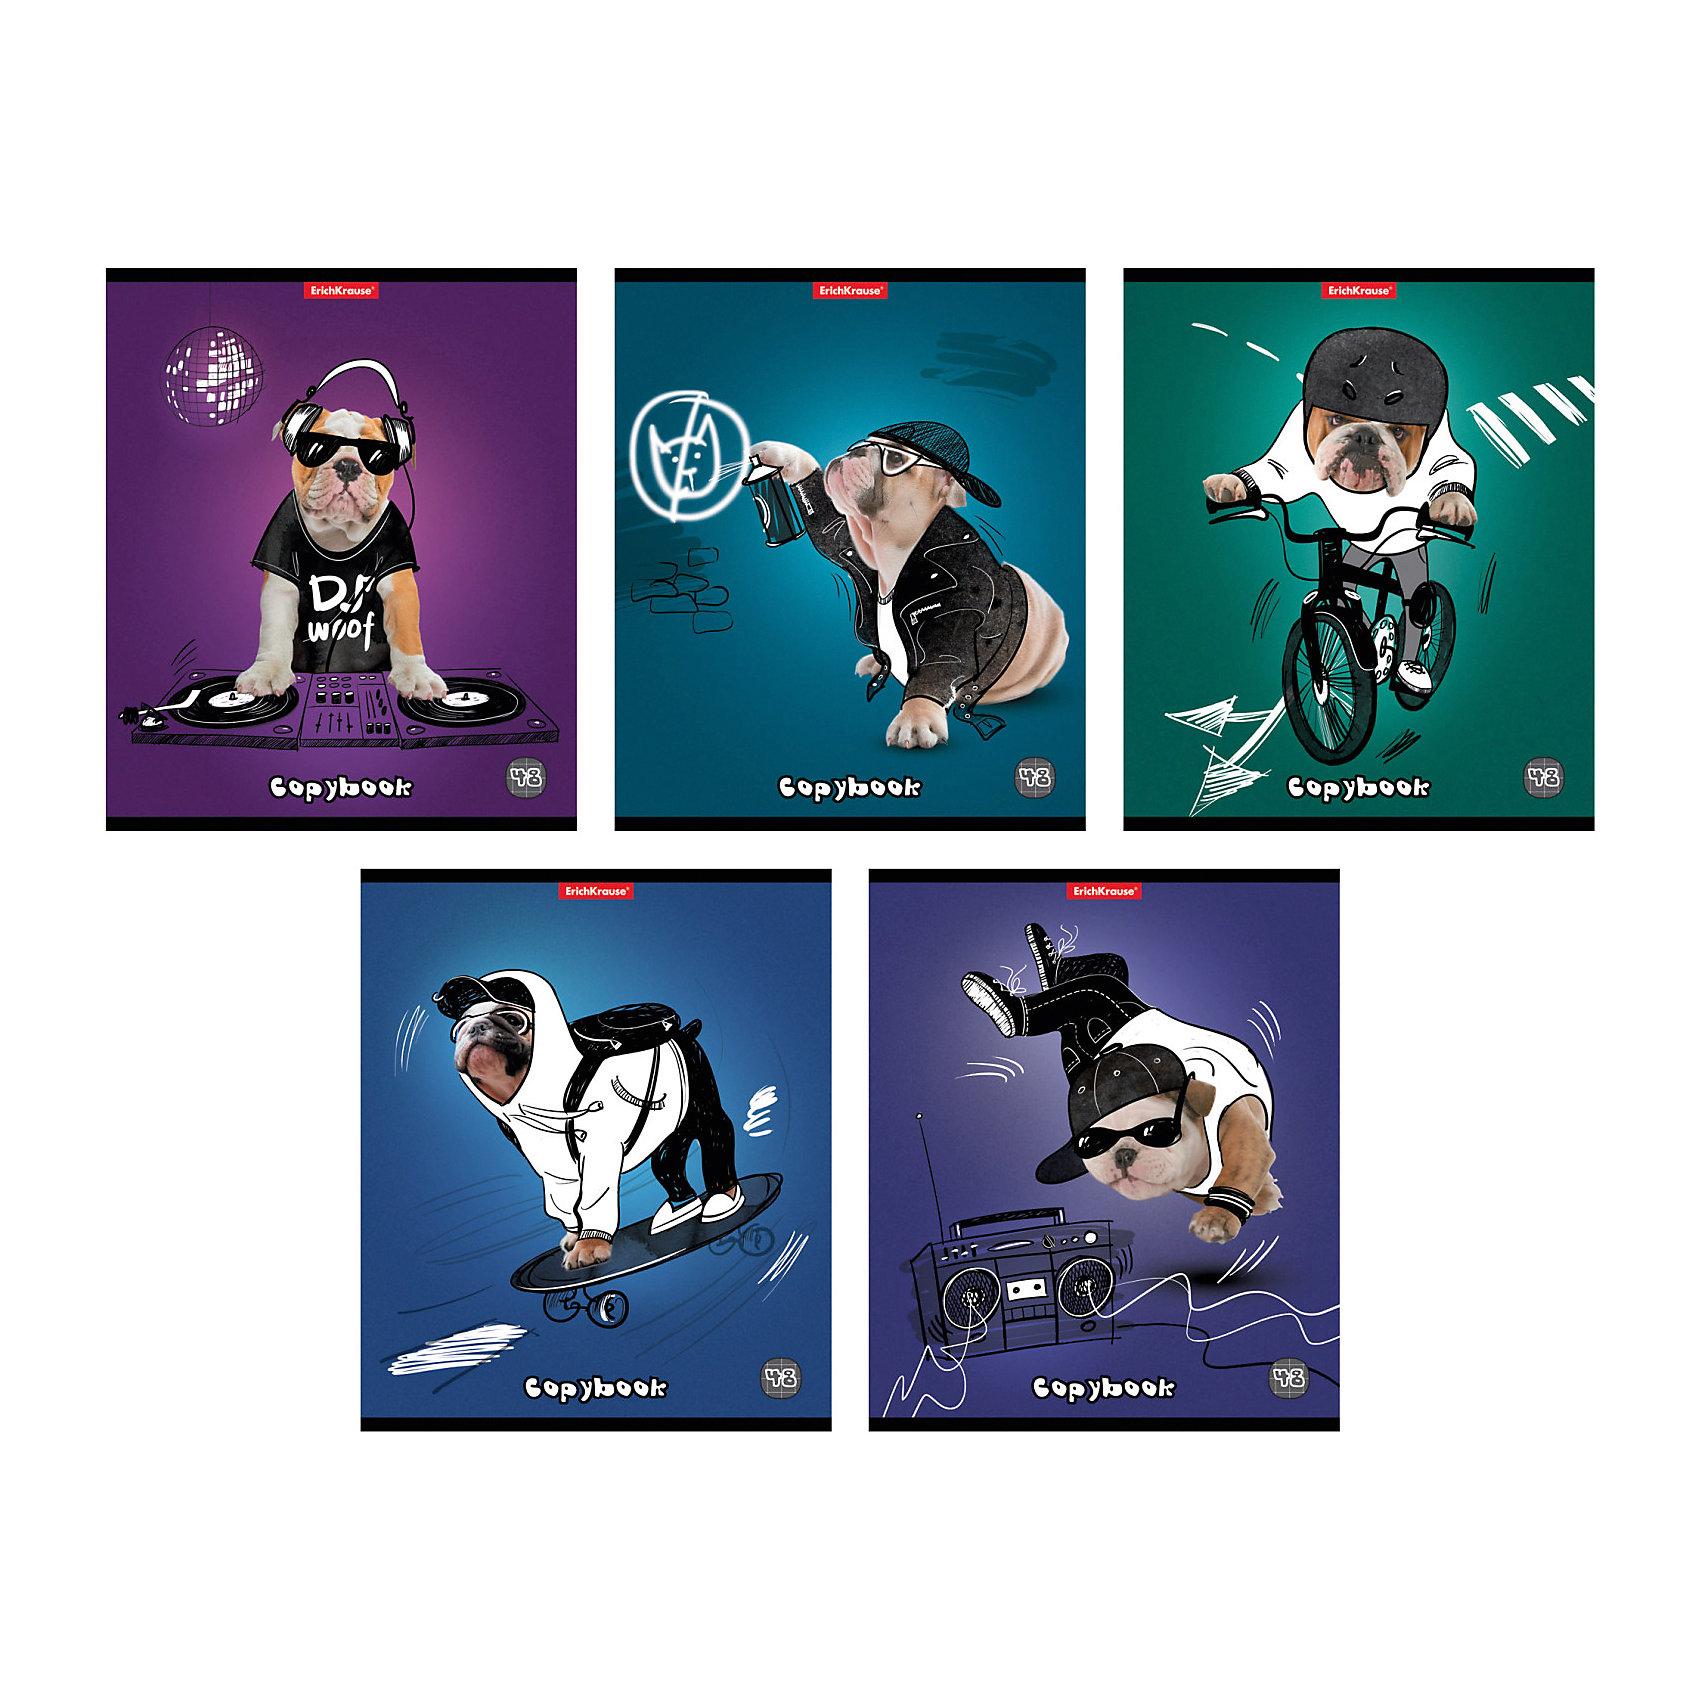 Тетрадь 48 л Dog rules, упаковка из 5 шт.Бумажная продукция<br>Тетрадь 48 листов Dog rules, 5 шт.<br><br>Характеристики:<br><br>• Количество: 5 шт.<br>• Формат: А5<br>• Внутренний блок: 48 листов, клетка, офсет<br>• Тип крепления: скрепка<br>• Обложка: мелованный картон<br><br>Комплект тетрадей в клетку Dog rules выполнен в формате А5. Отличная полиграфия и качественная бумага обеспечат высокое качество письма. Обложка из мелованного картона позволит сохранять тетрадь в аккуратном виде в течение всего периода использования.<br><br>Тетрадь 48 листов Dog rules, 5 шт. можно купить в нашем интернет-магазине.<br><br>Ширина мм: 170<br>Глубина мм: 50<br>Высота мм: 205<br>Вес г: 521<br>Возраст от месяцев: 60<br>Возраст до месяцев: 204<br>Пол: Унисекс<br>Возраст: Детский<br>SKU: 5540107